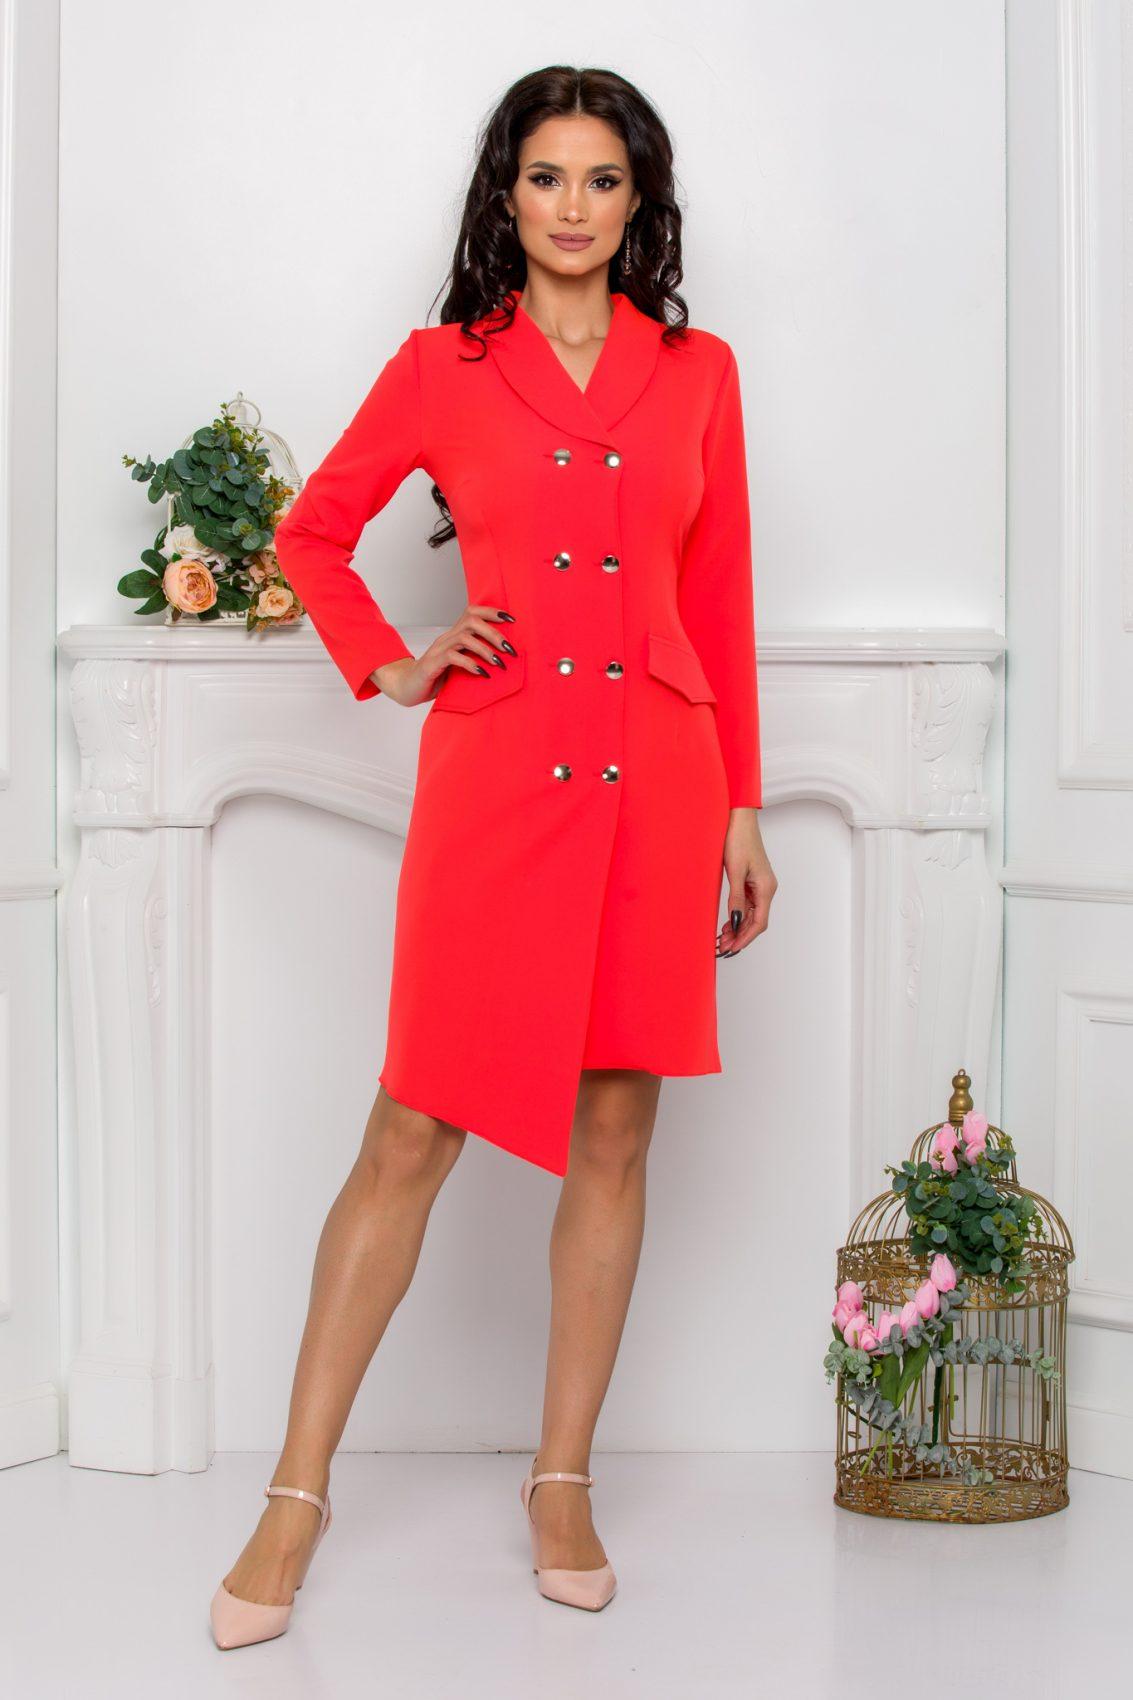 Κοραλί Φόρεμα Με Κουμπιά Yndira 9633 1